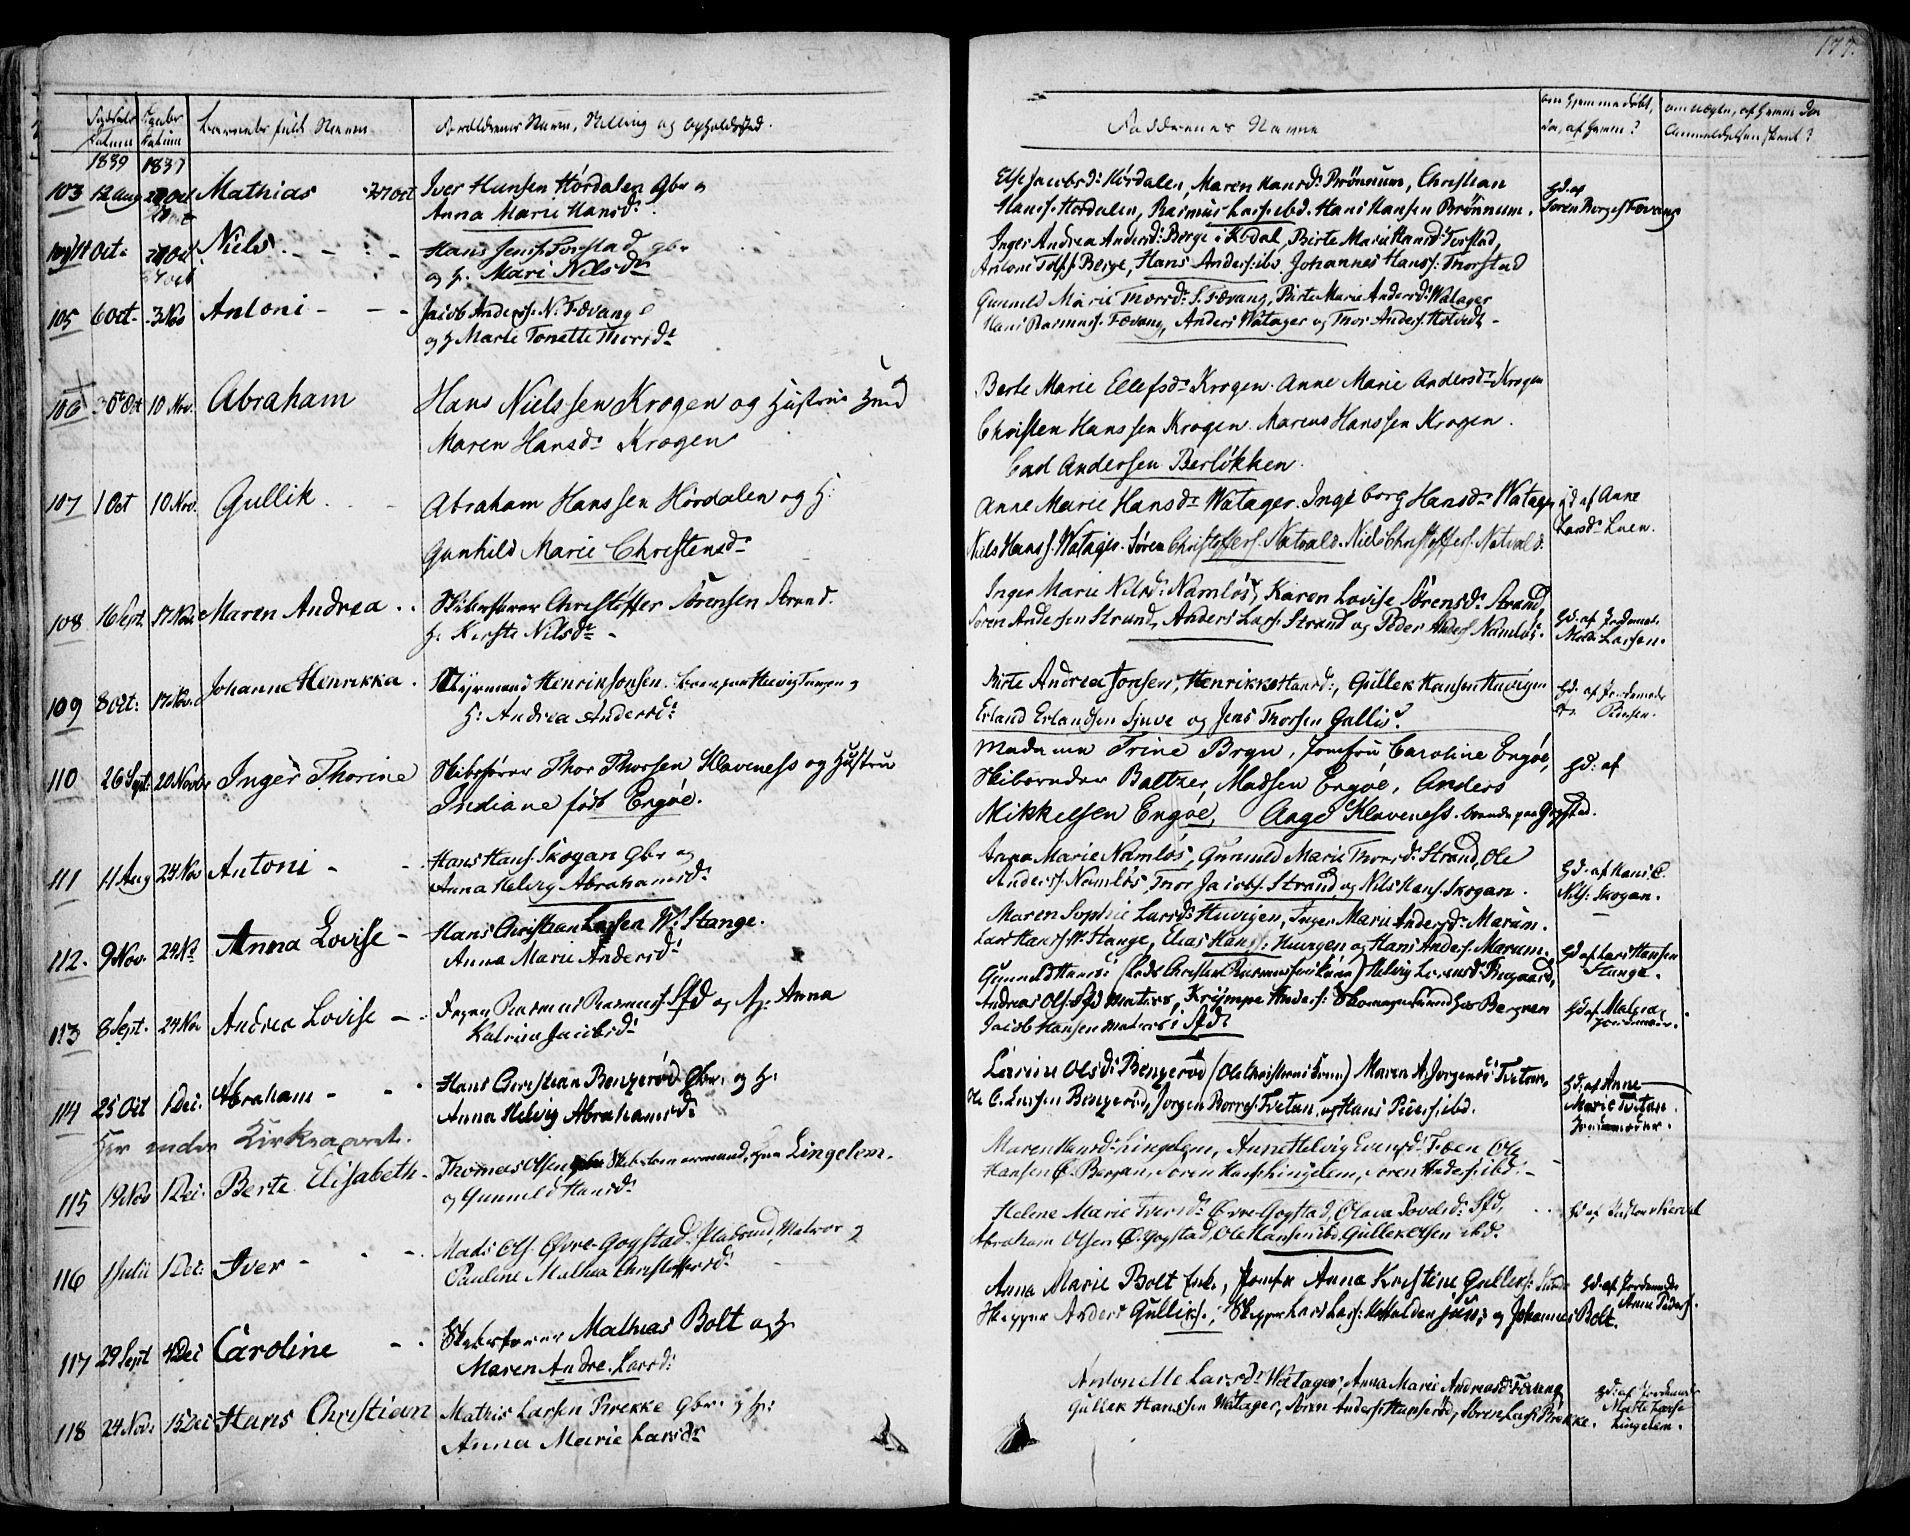 SAKO, Sandar kirkebøker, F/Fa/L0005: Ministerialbok nr. 5, 1832-1847, s. 176-177